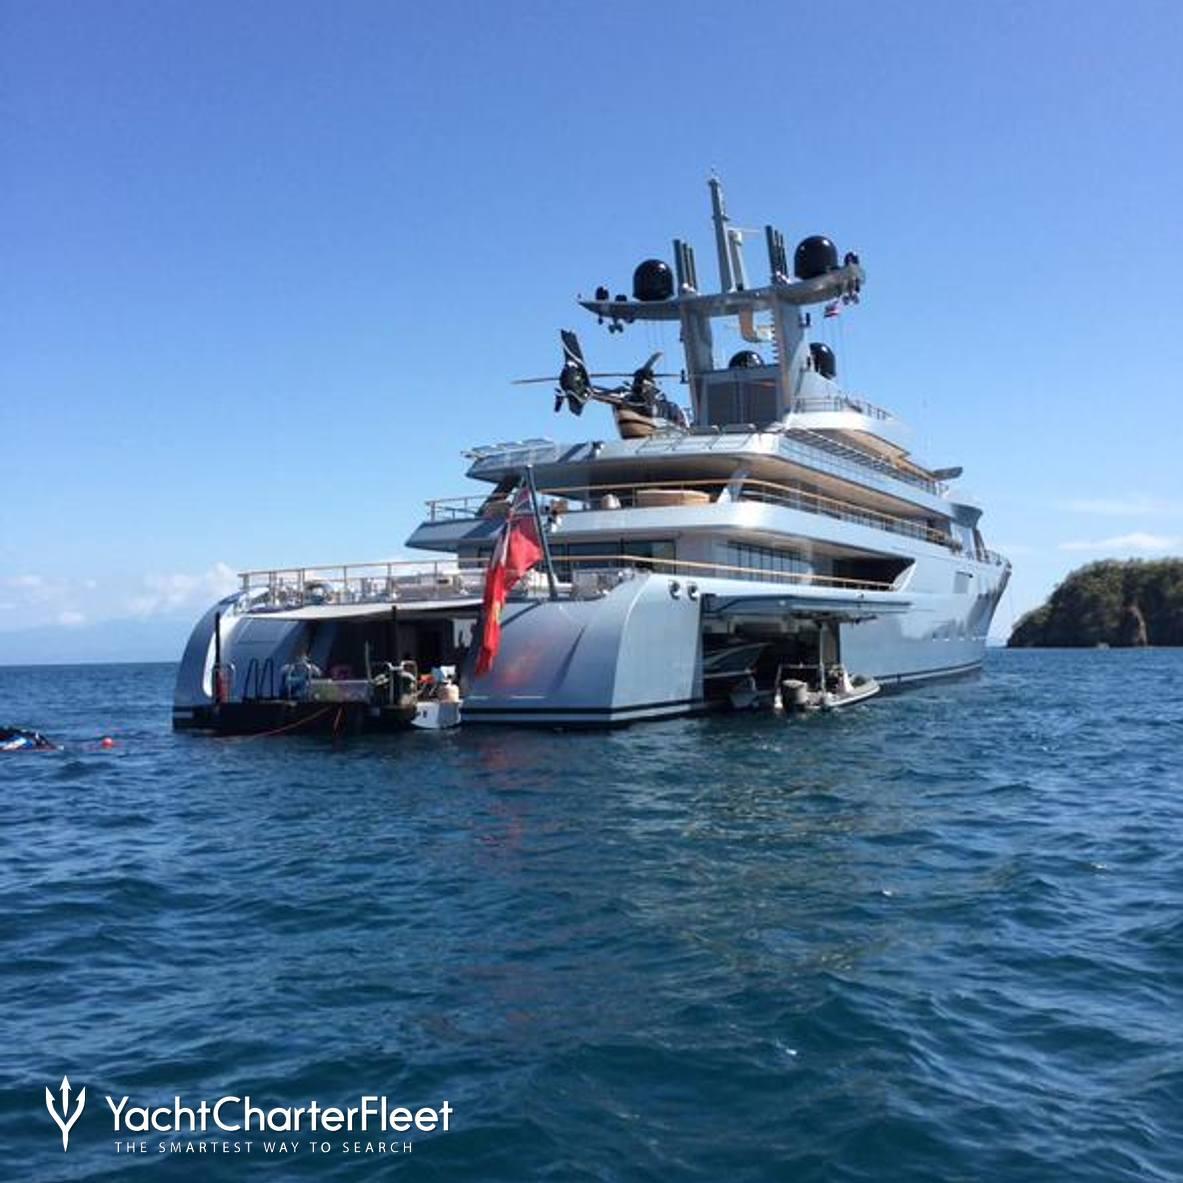 Pacific yacht photos lurssen yacht charter fleet for Lurssen yacht genova